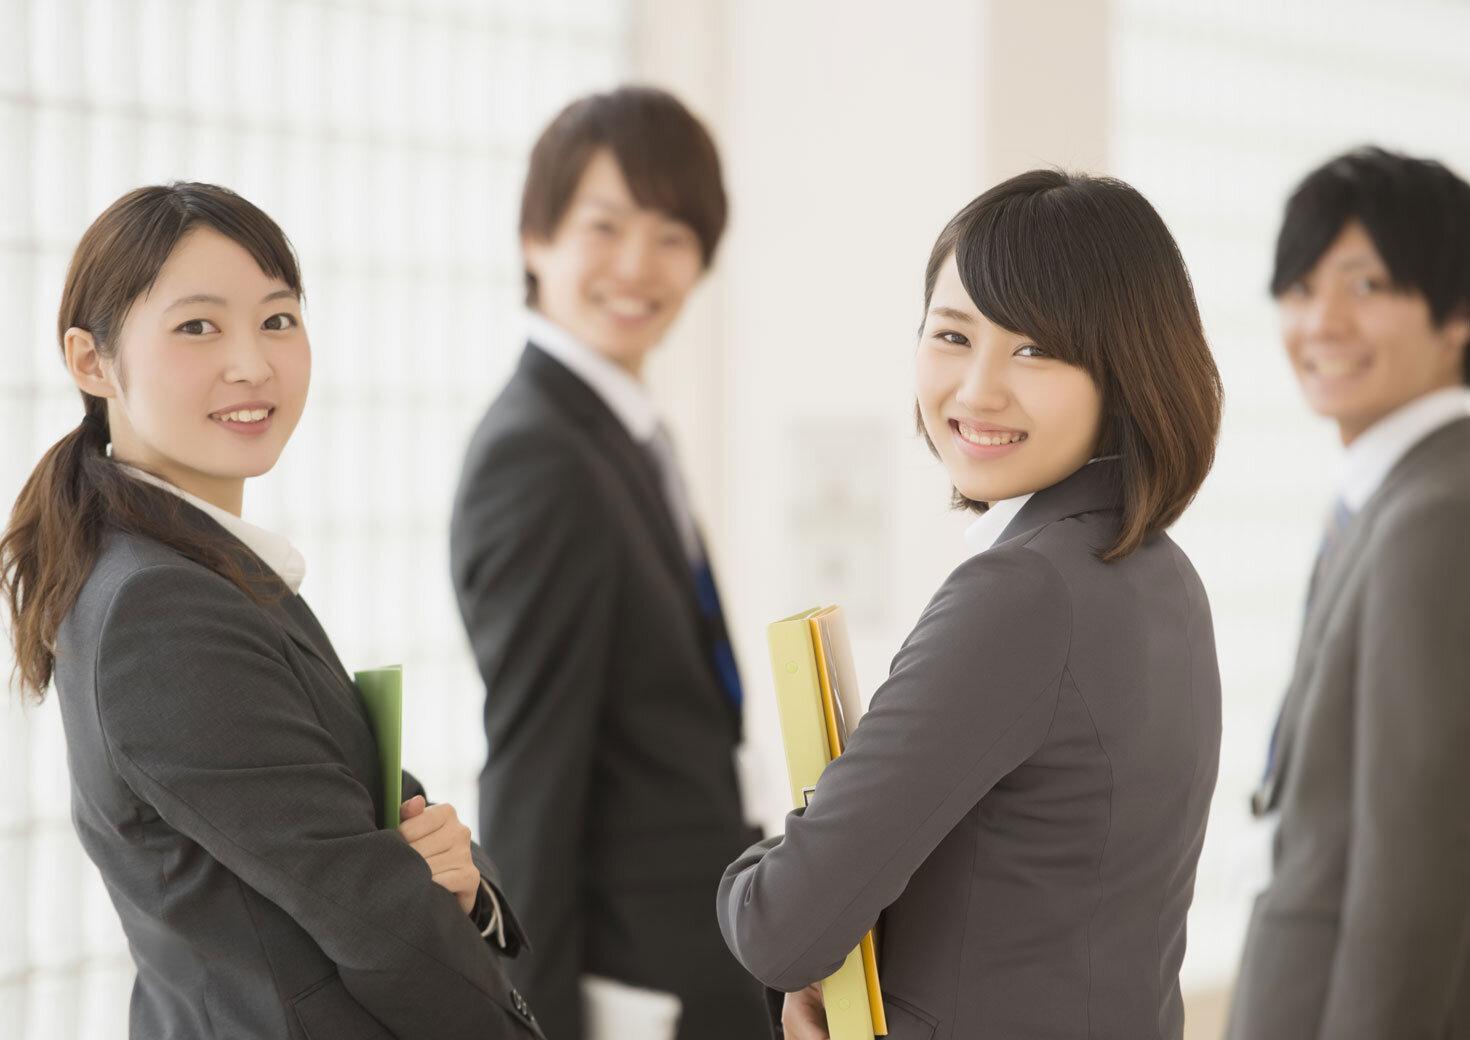 東京で仕事を探そう